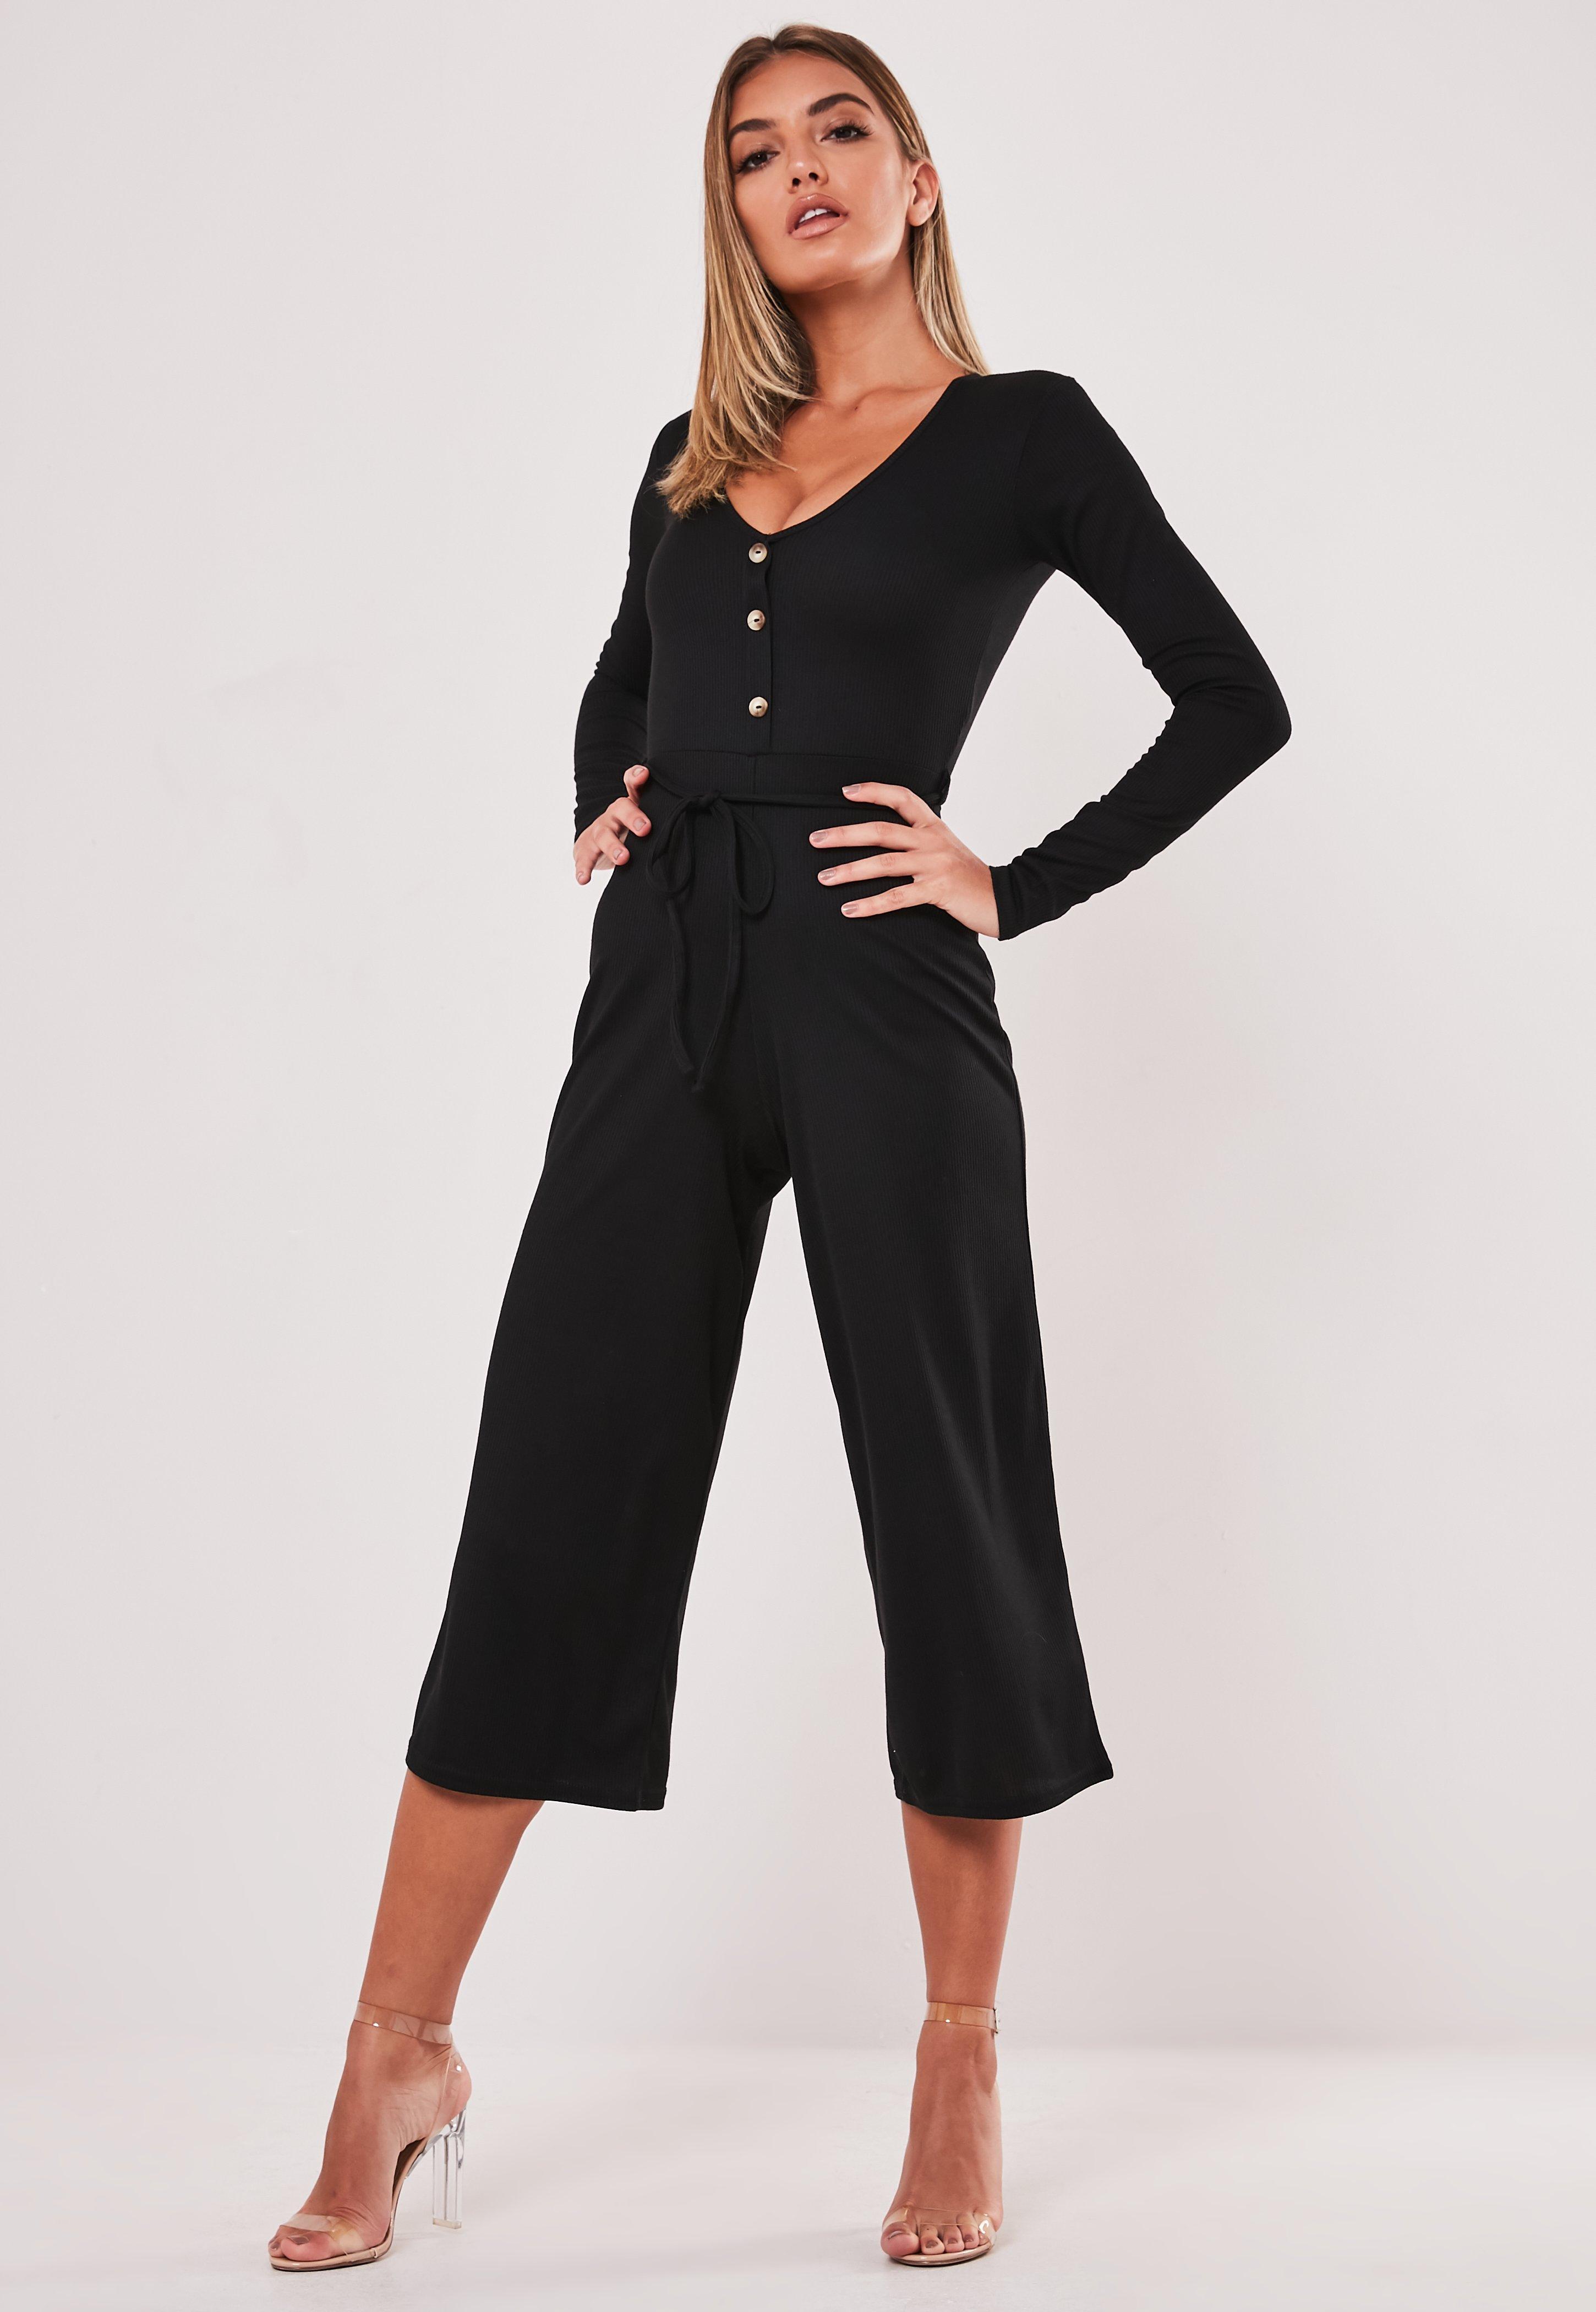 82689d344 Jumpsuits   Shop Jumpsuits for Women   Missguided